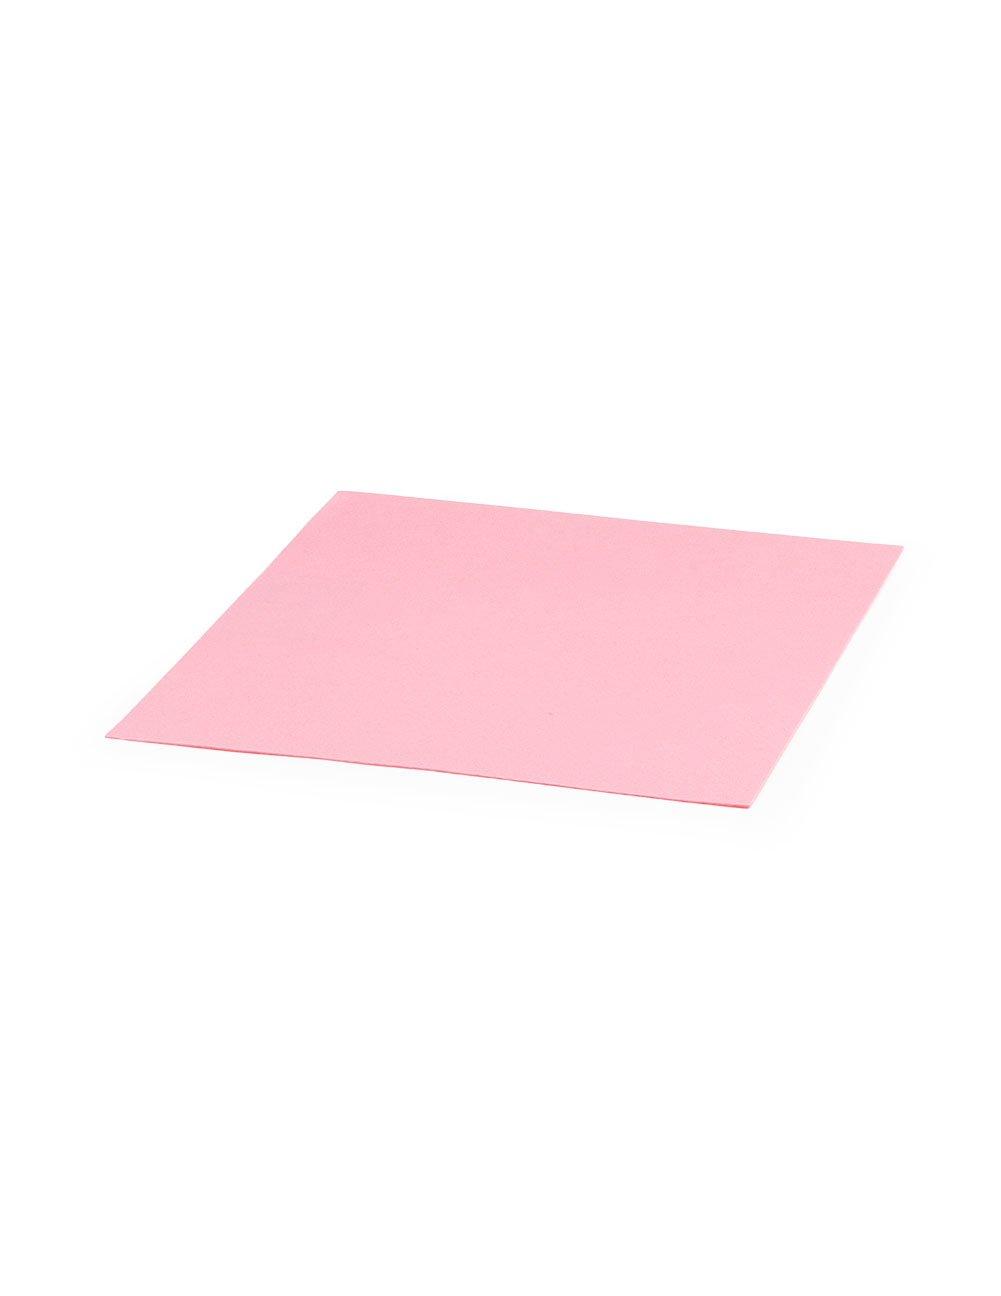 12' X 12' Stiff Felt - Melon Pink, 12 Pk The Felt Store